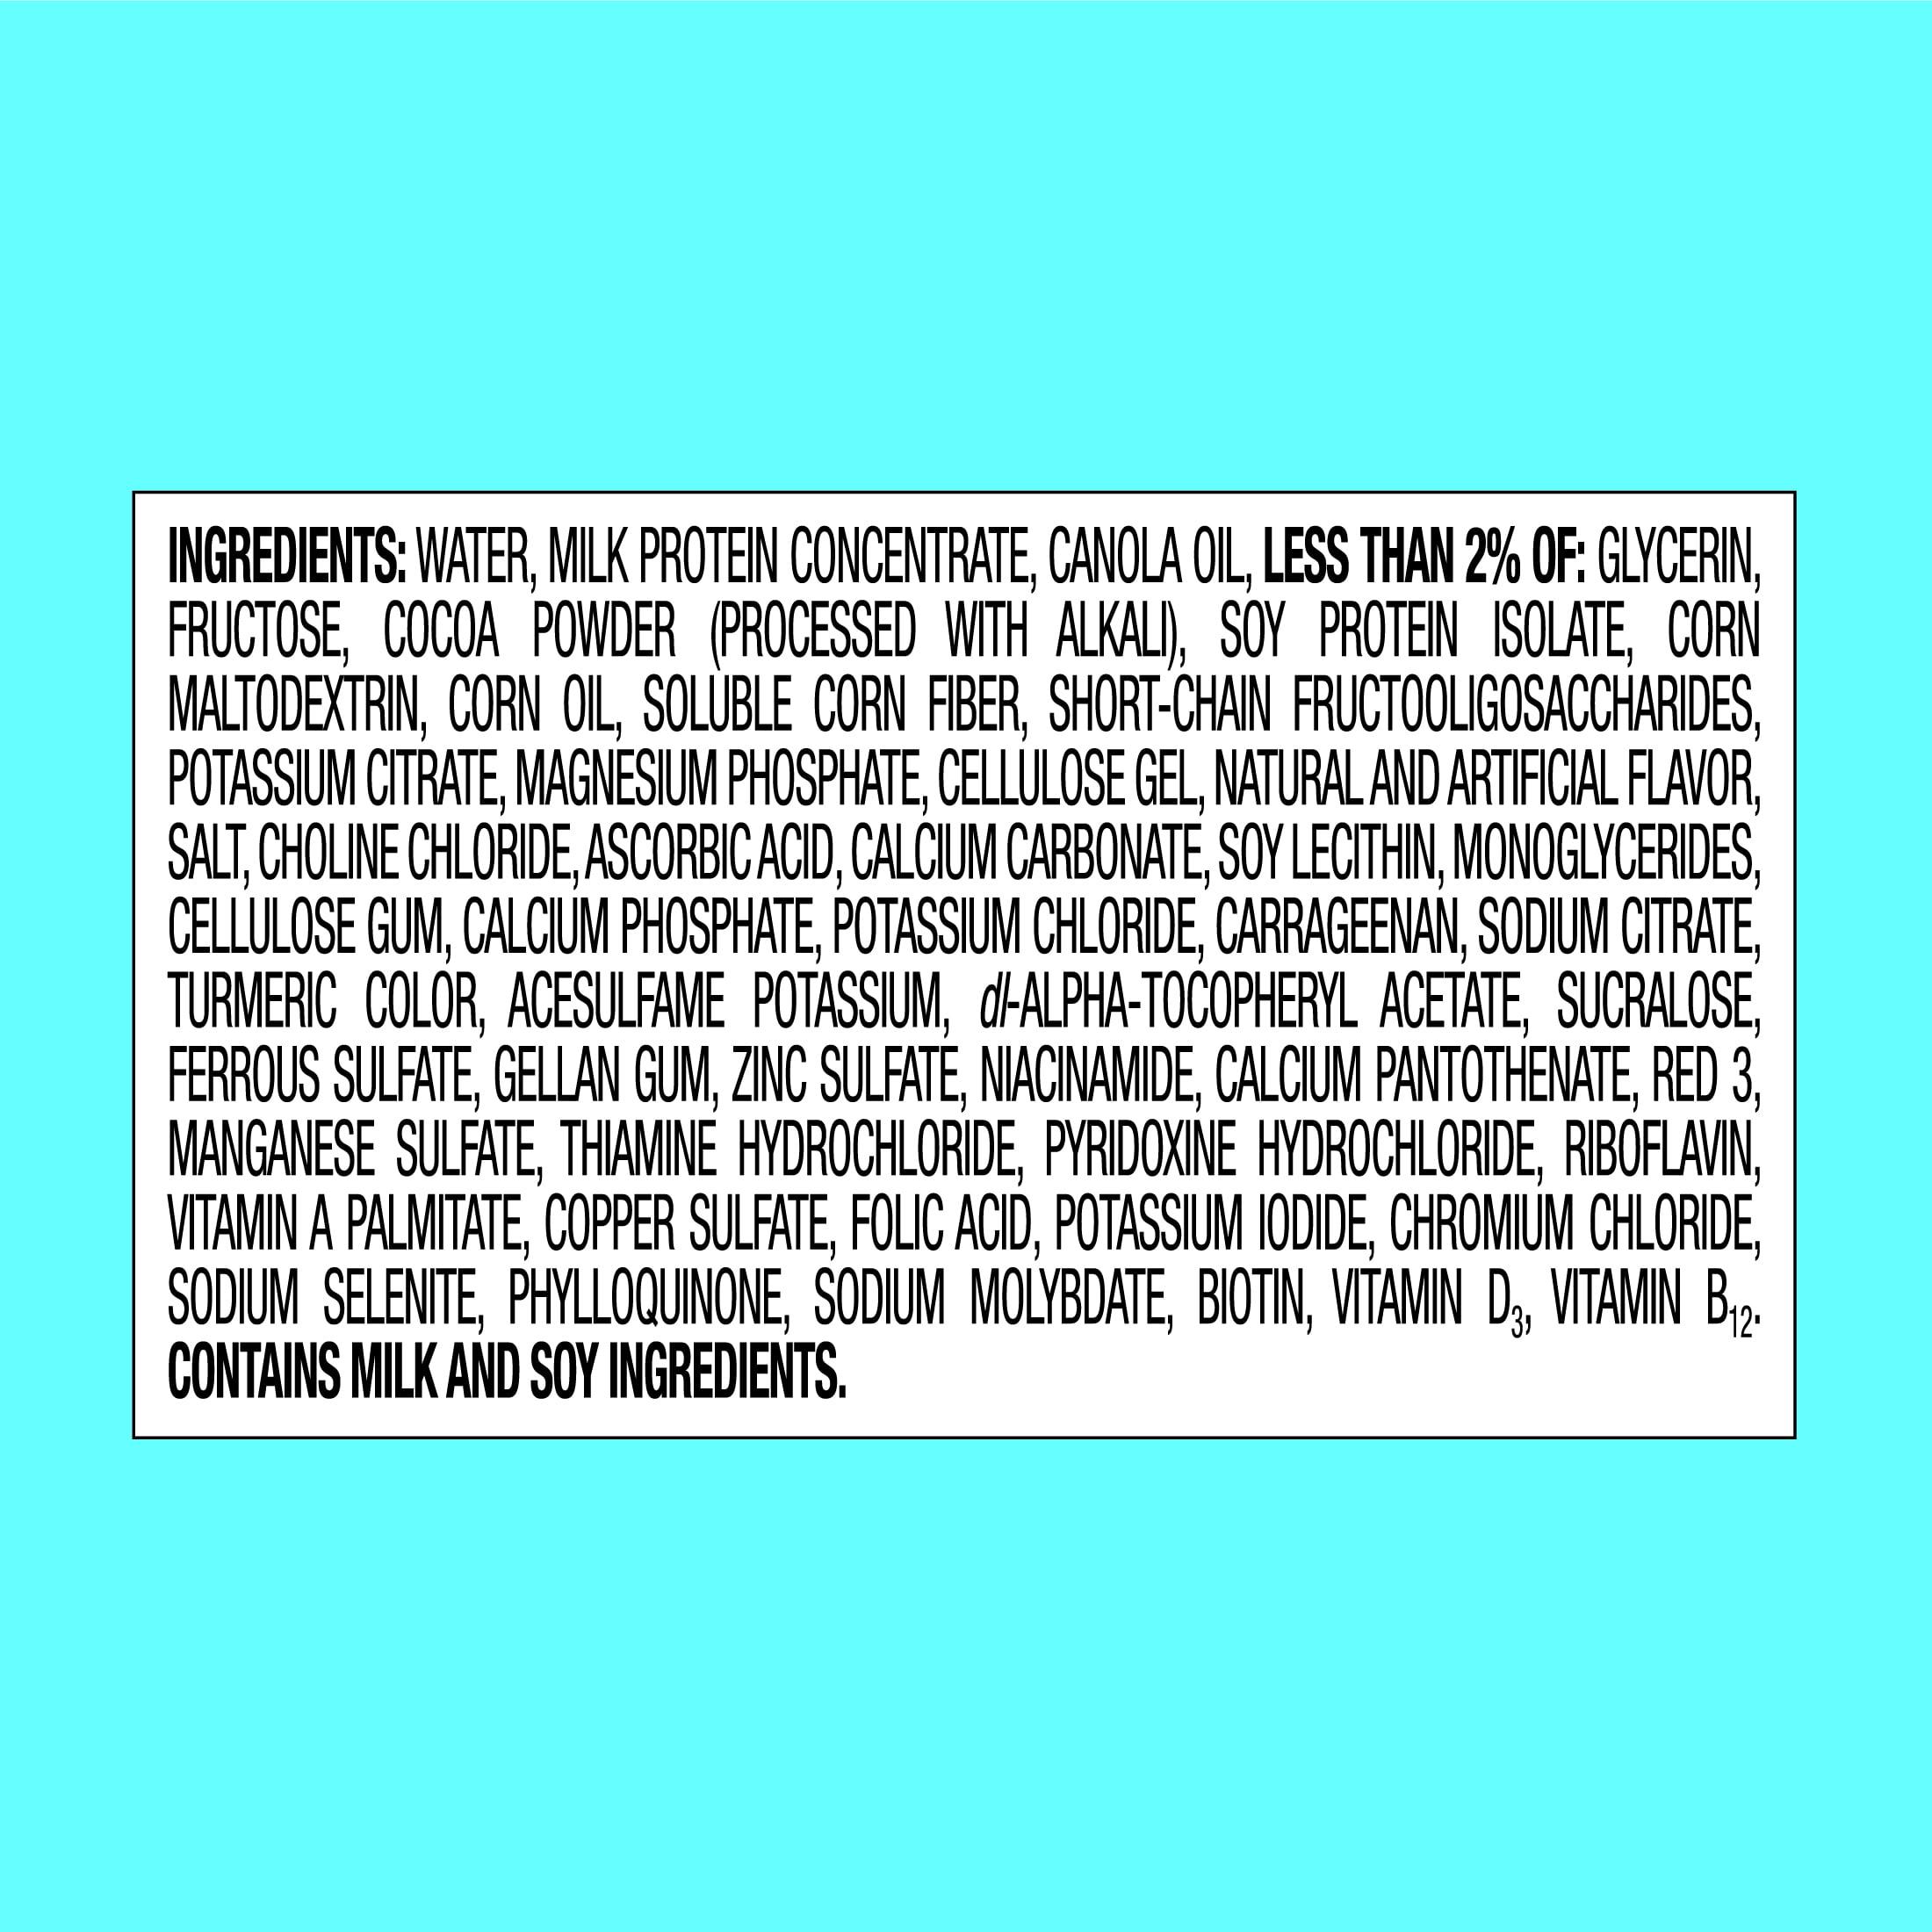 diabetes tipo 1 referencias disponibles bajo pedido